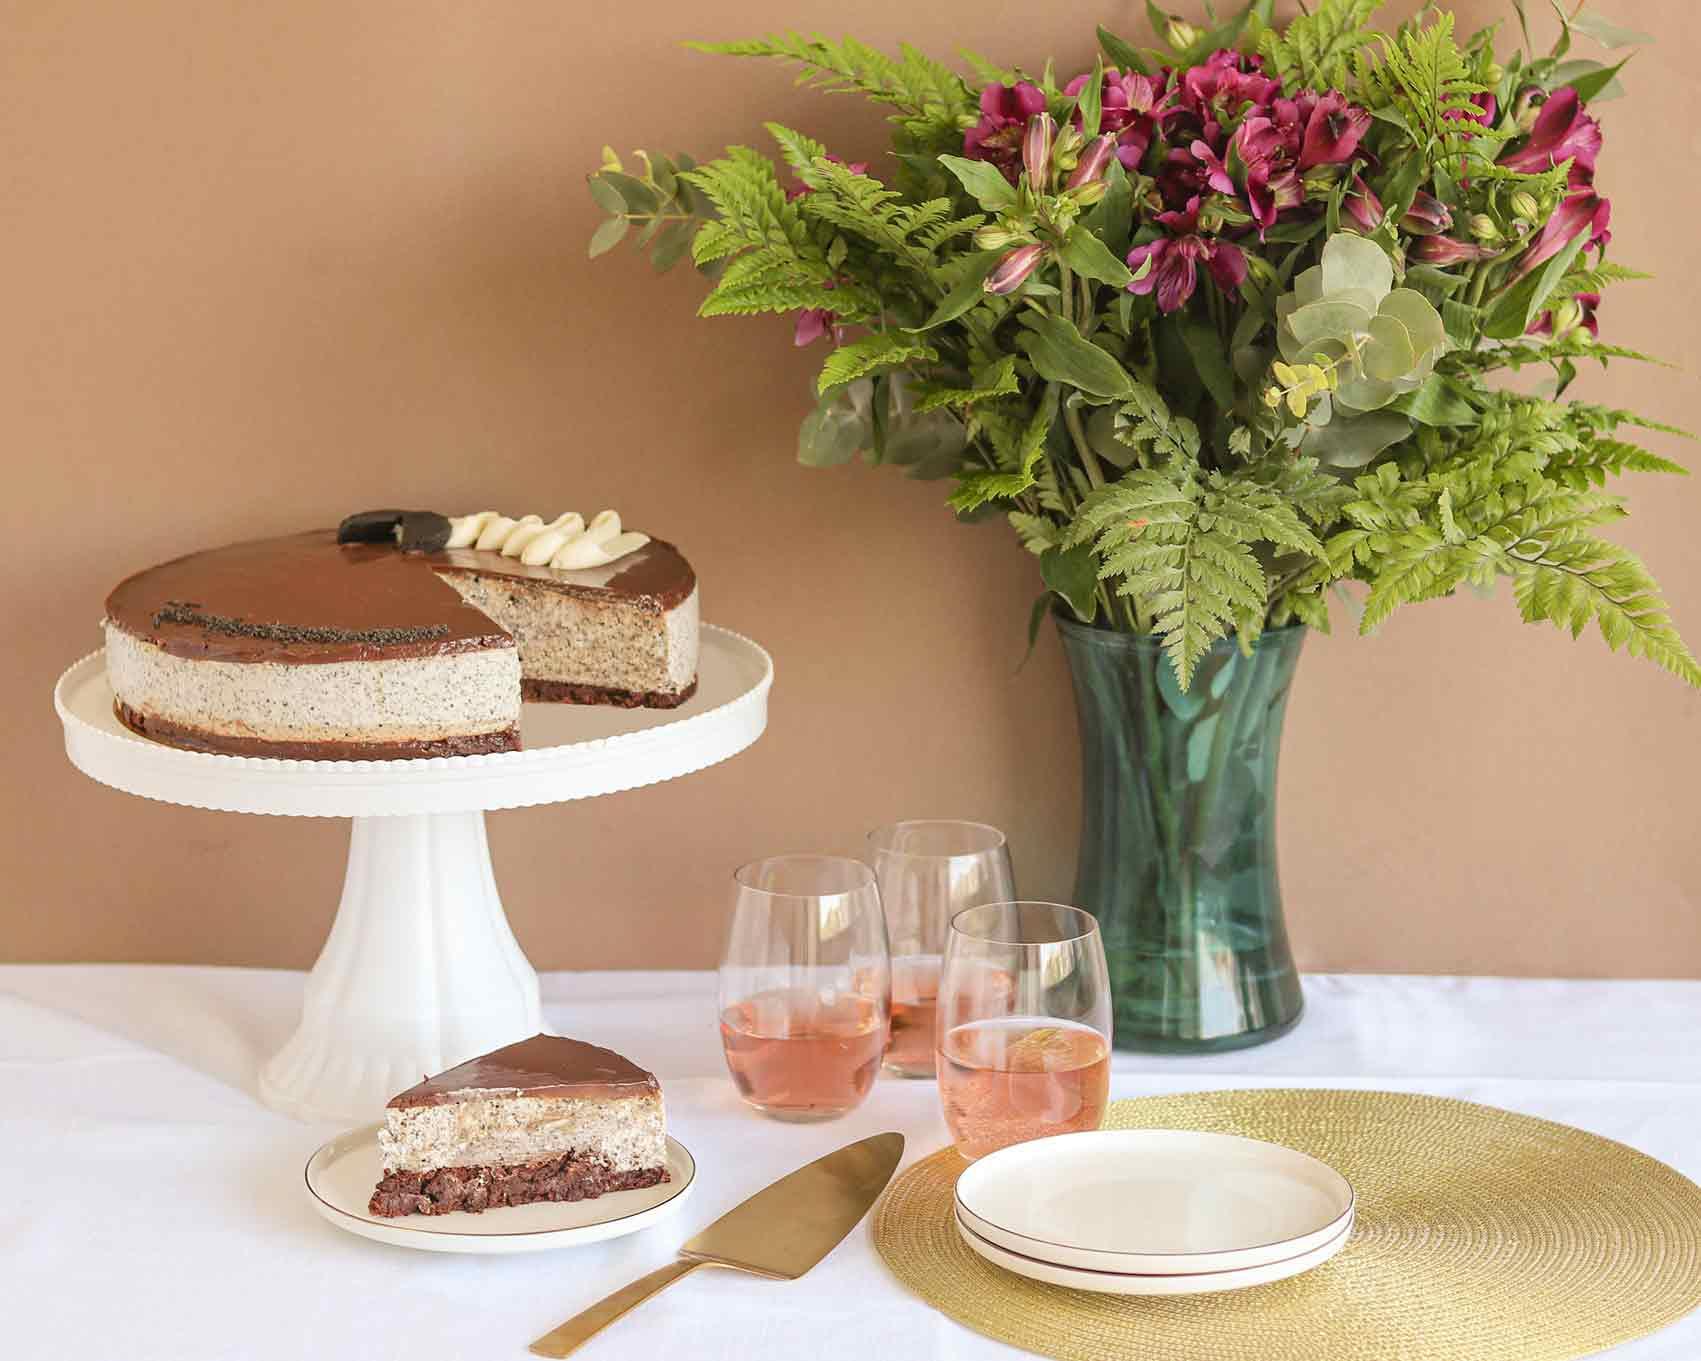 עוגת-גבינה-בטעם-אוריאו-צילום-שלי-זבלקובסקי-אוכל